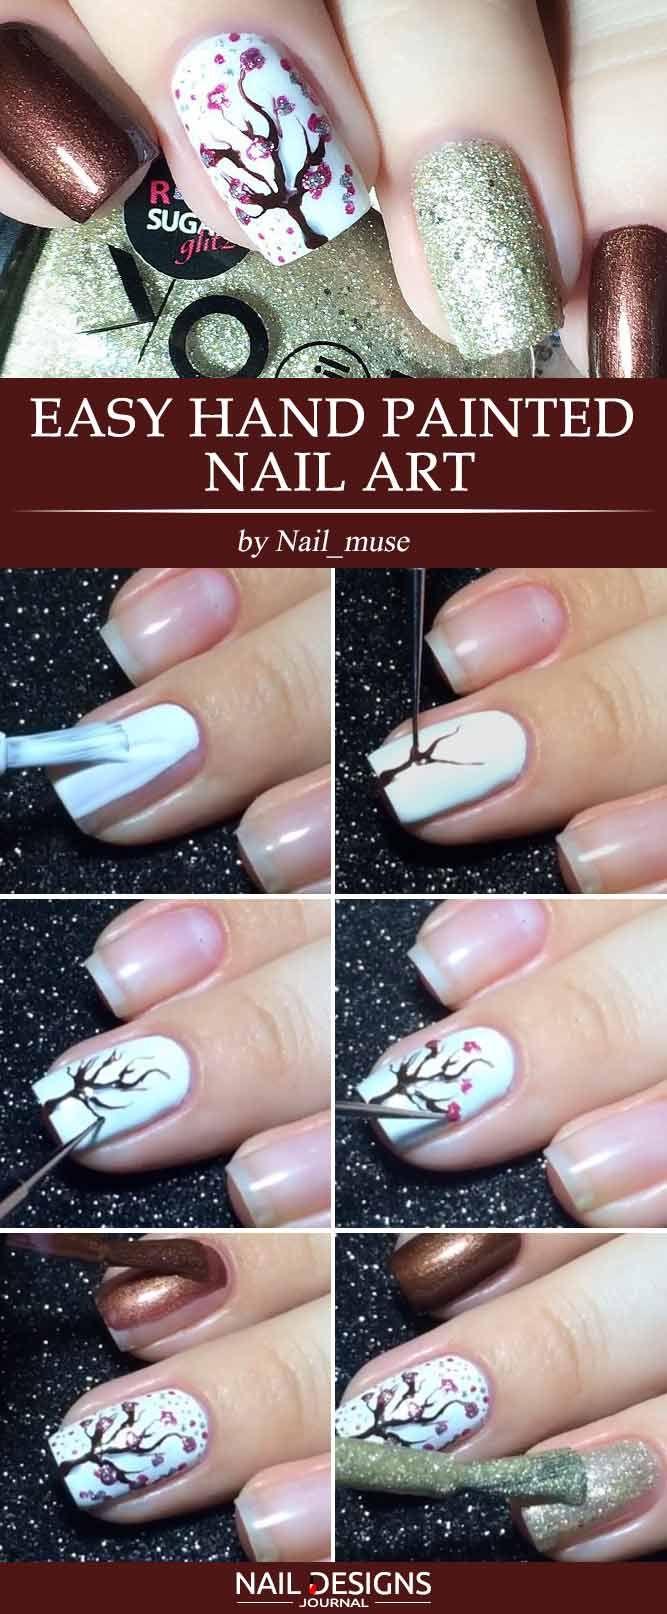 15 Super Easy Nail Designs DIY Tutorials - Nagels lakken, Nagel en ...